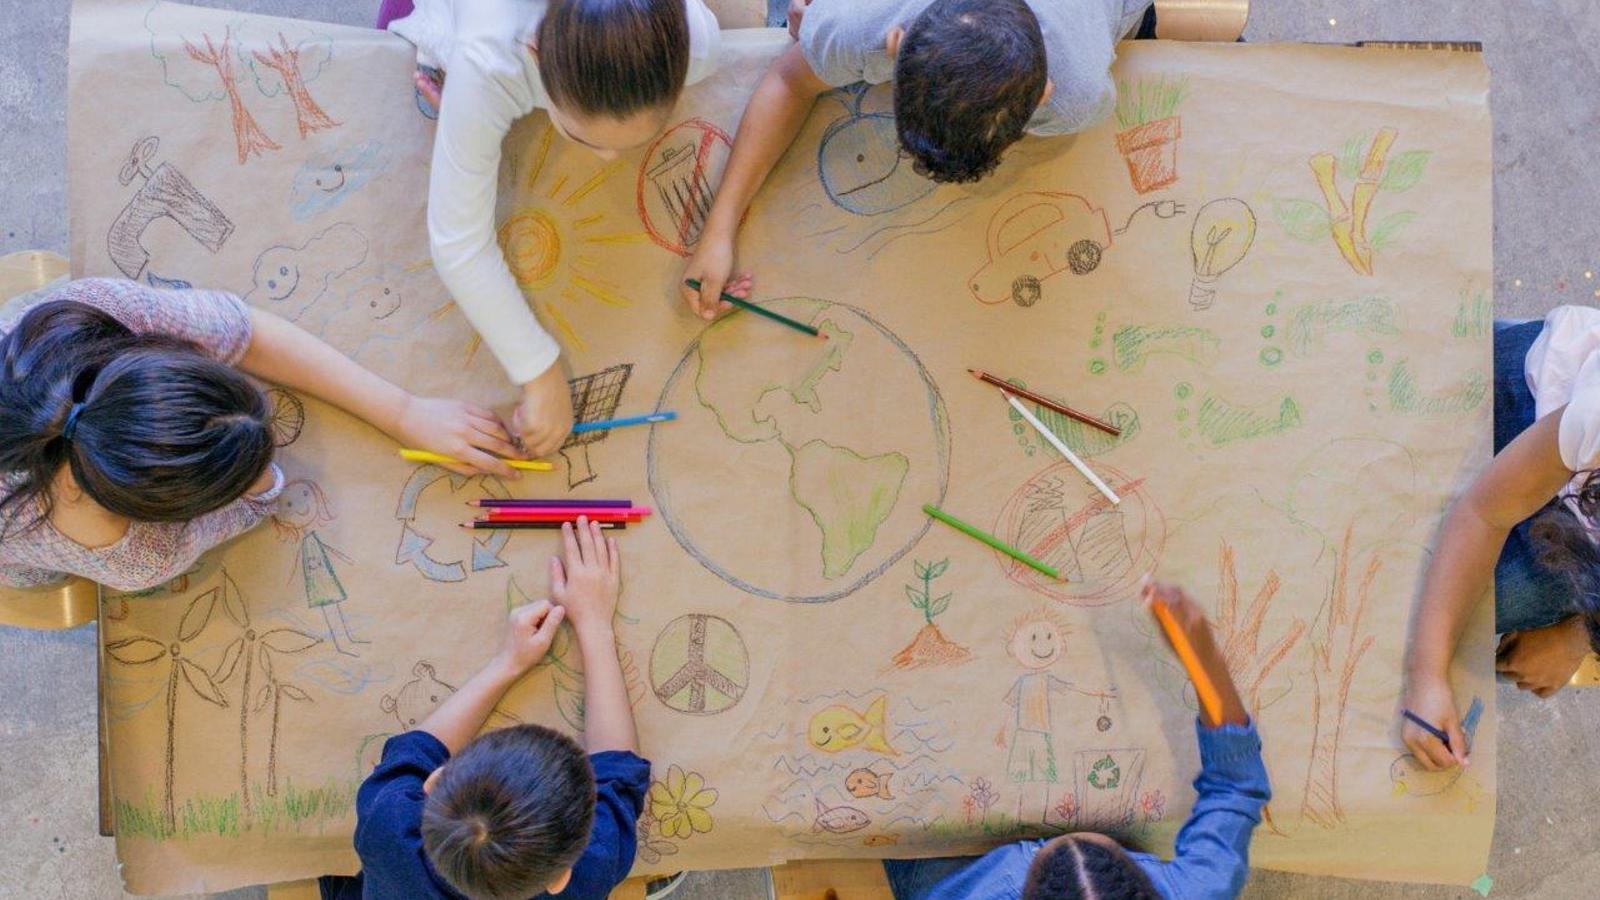 Els joves prenen consciència de la necessitat de preservar el planeta